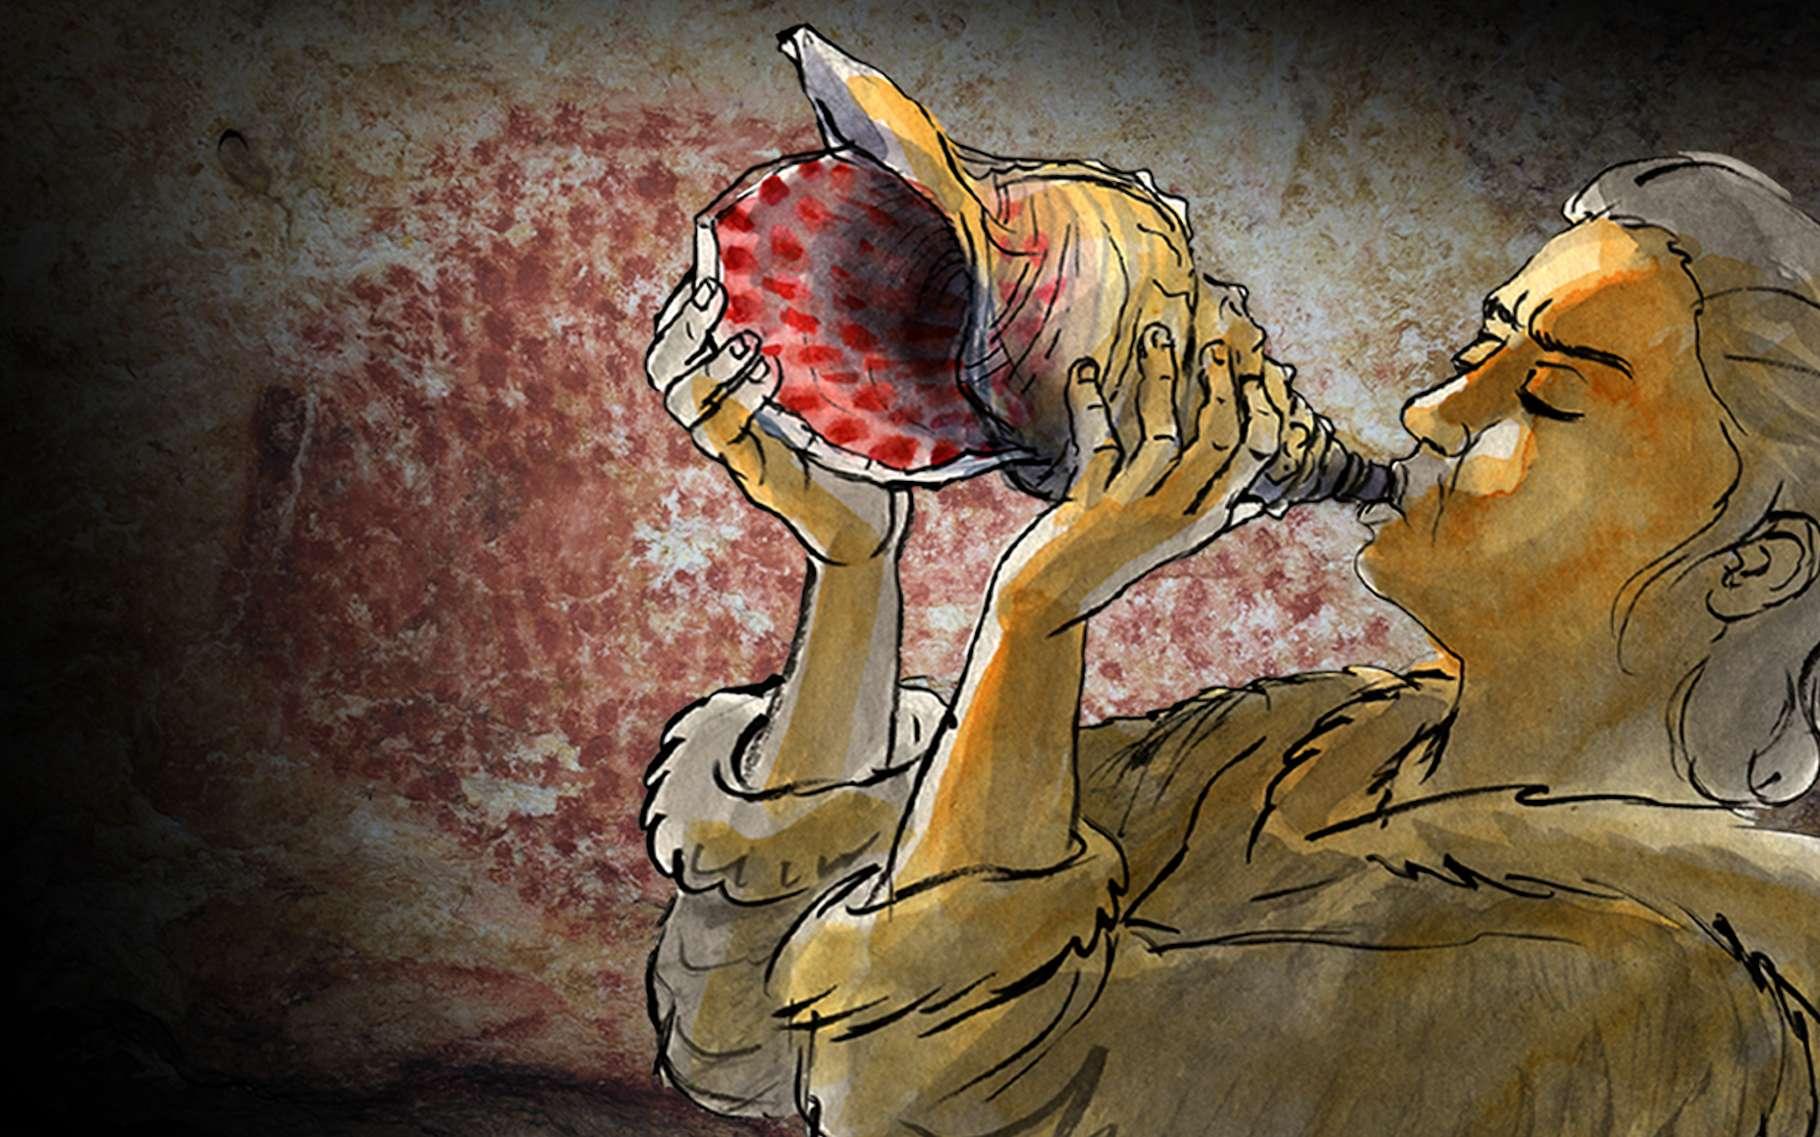 Cette illustration montre comment nos ancêtres se servaient peut-être du coquillage retrouvé dans la grotte de Marsoulas, dans les Pyrénées. Le coquillage est décoré à l'image des parois de la grotte. © Carole Fritz et al. 2021, illustration Gilles Tosello